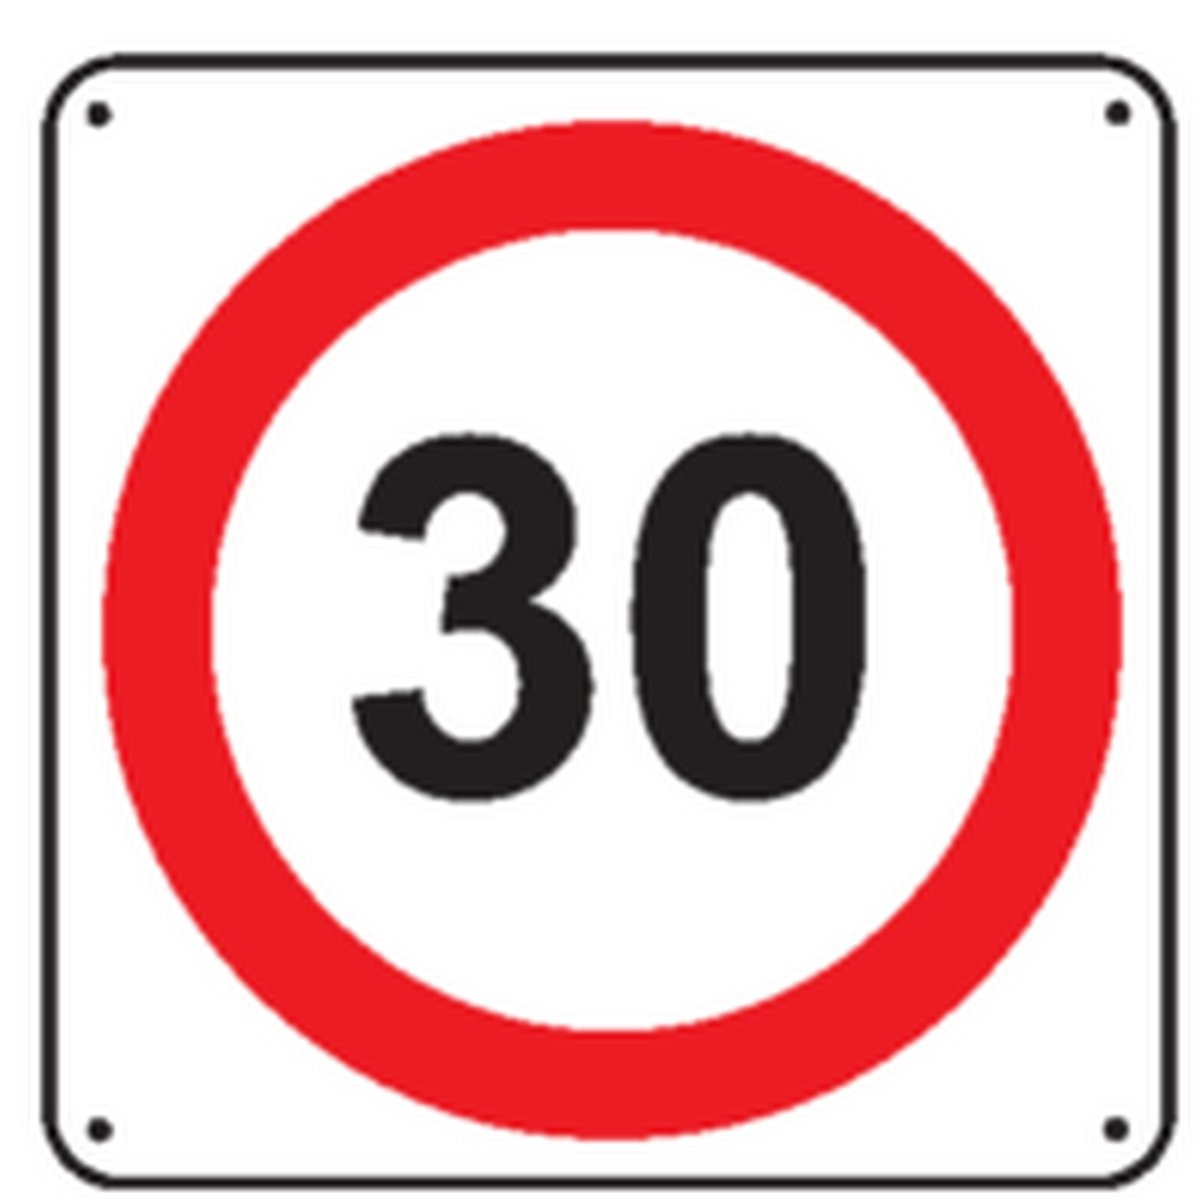 Un panneau routier 30km/h